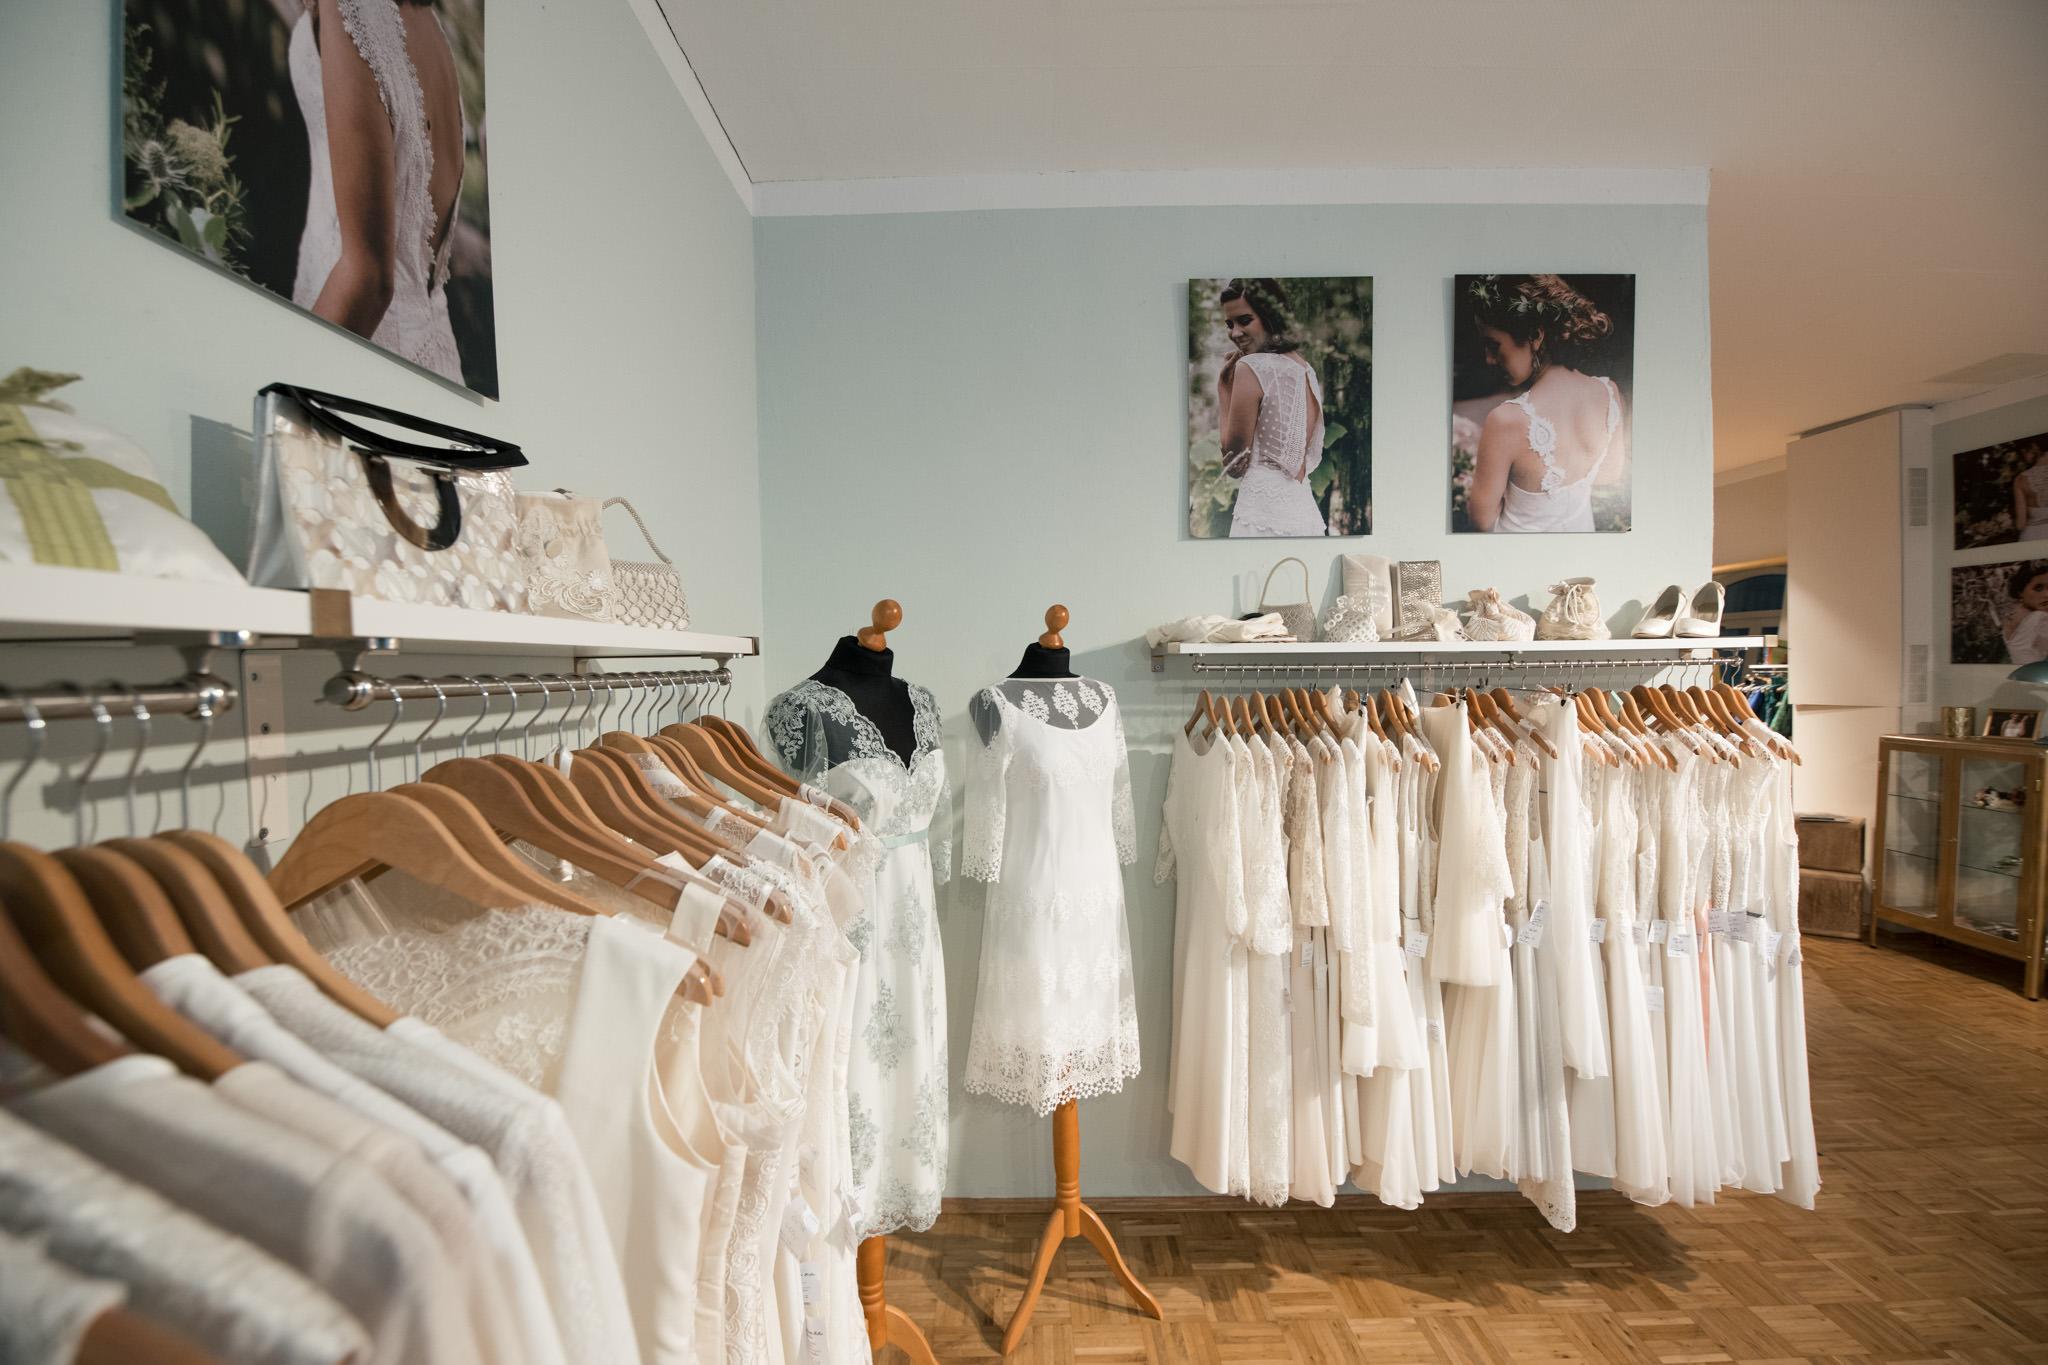 Wunsch Brautkleid in Köln schneidern lassen